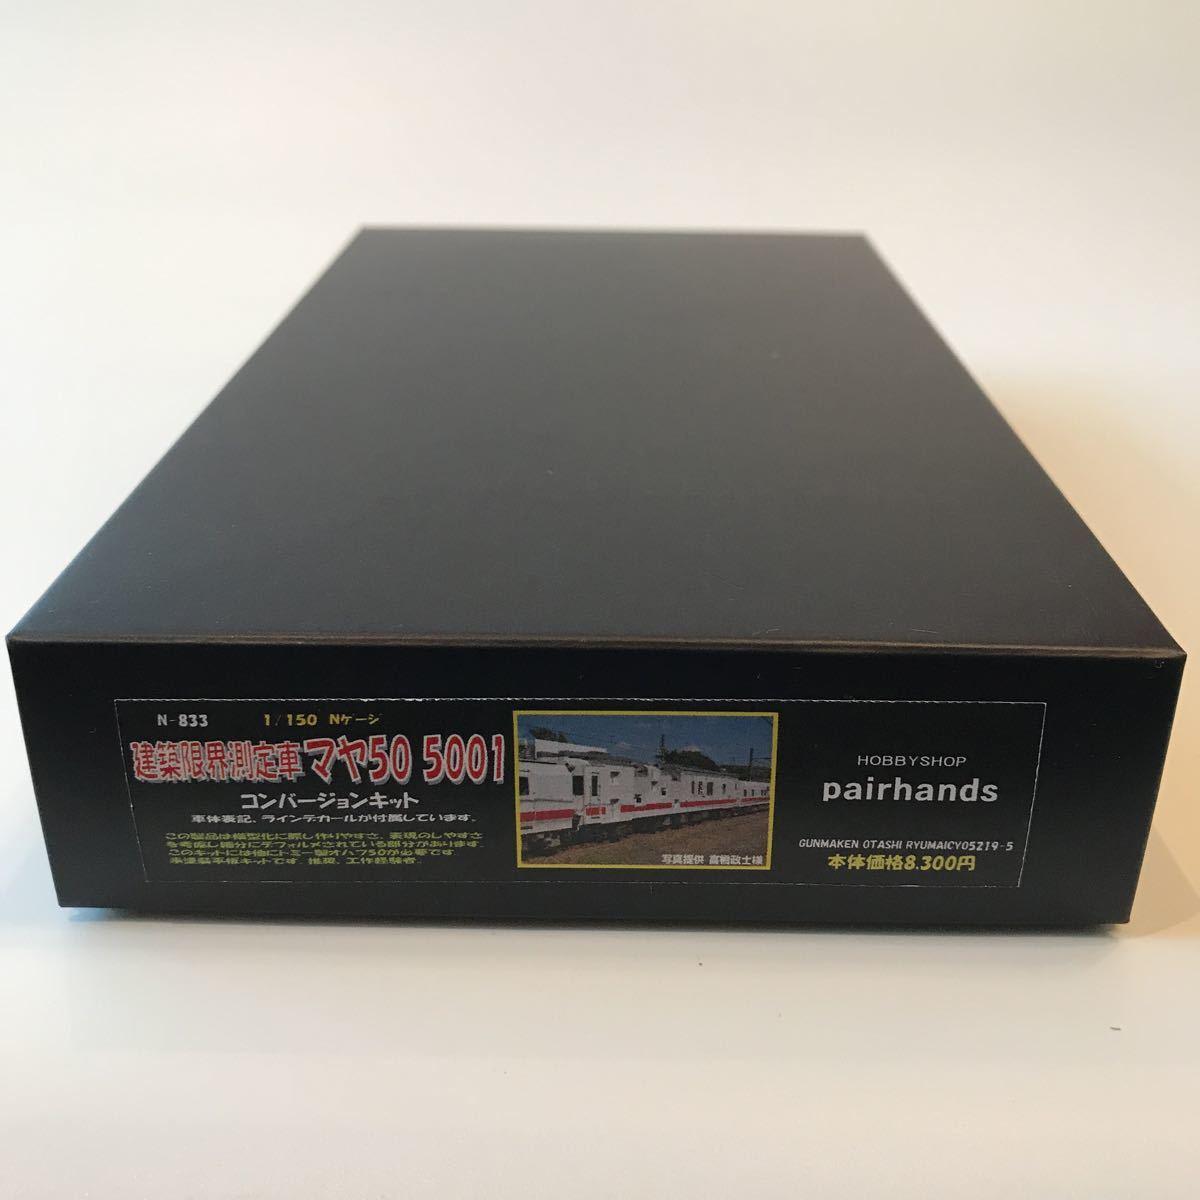 ペアーハンズ 建築限界測定車 マヤ50 5001 コンバージョンキット